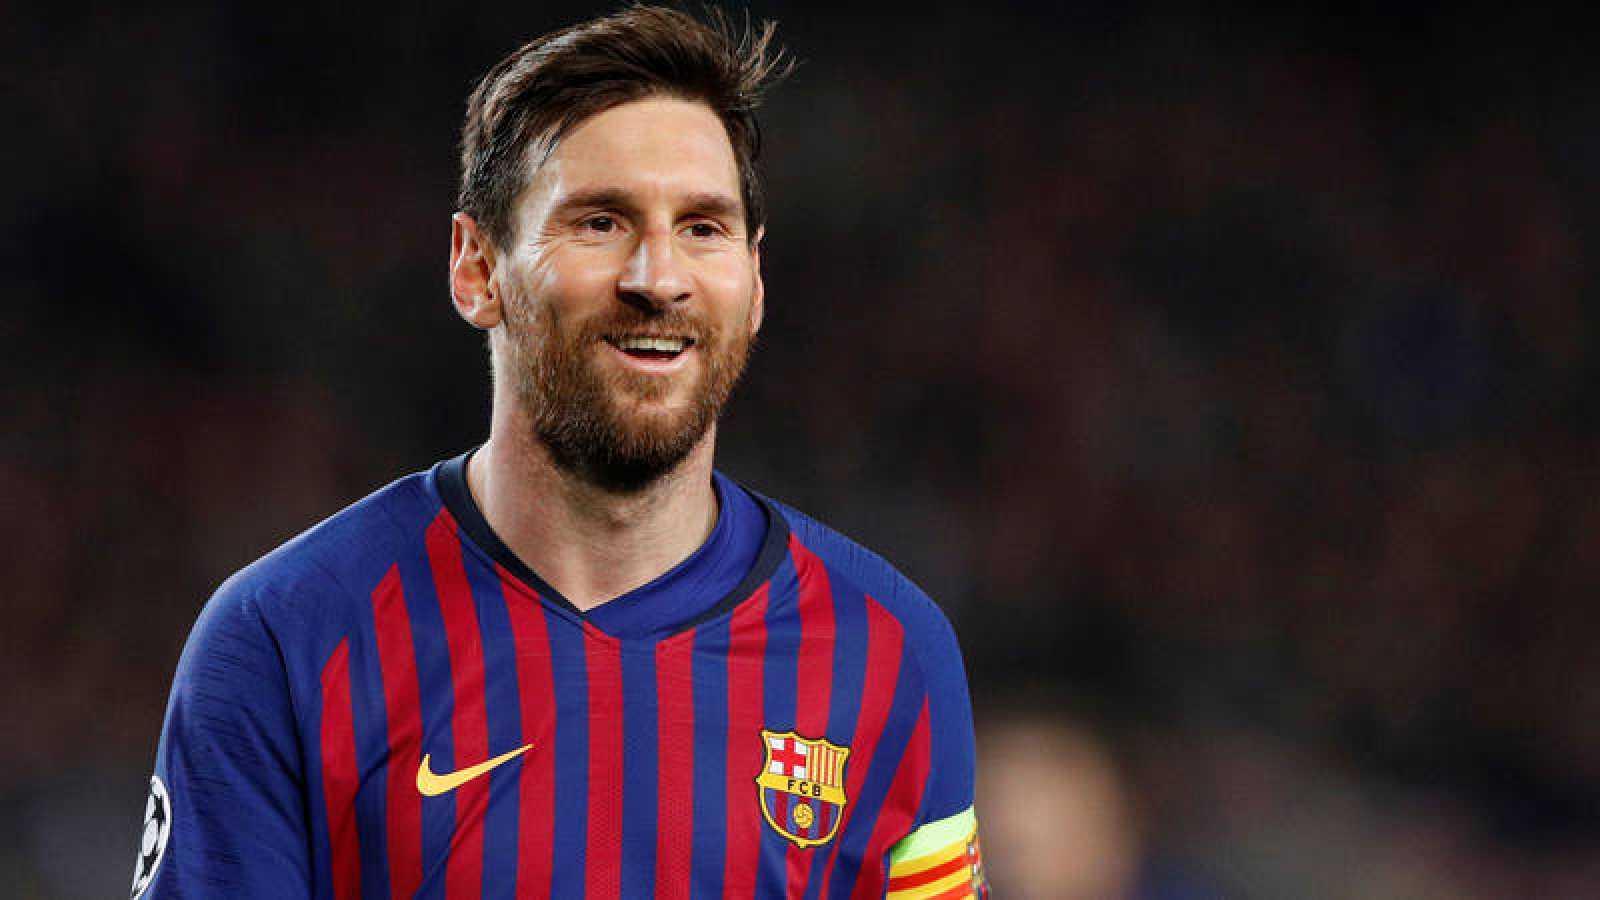 Messi sonríe tras el partido contra el Manchester United, que acabó con victoria del Barça 3-0.